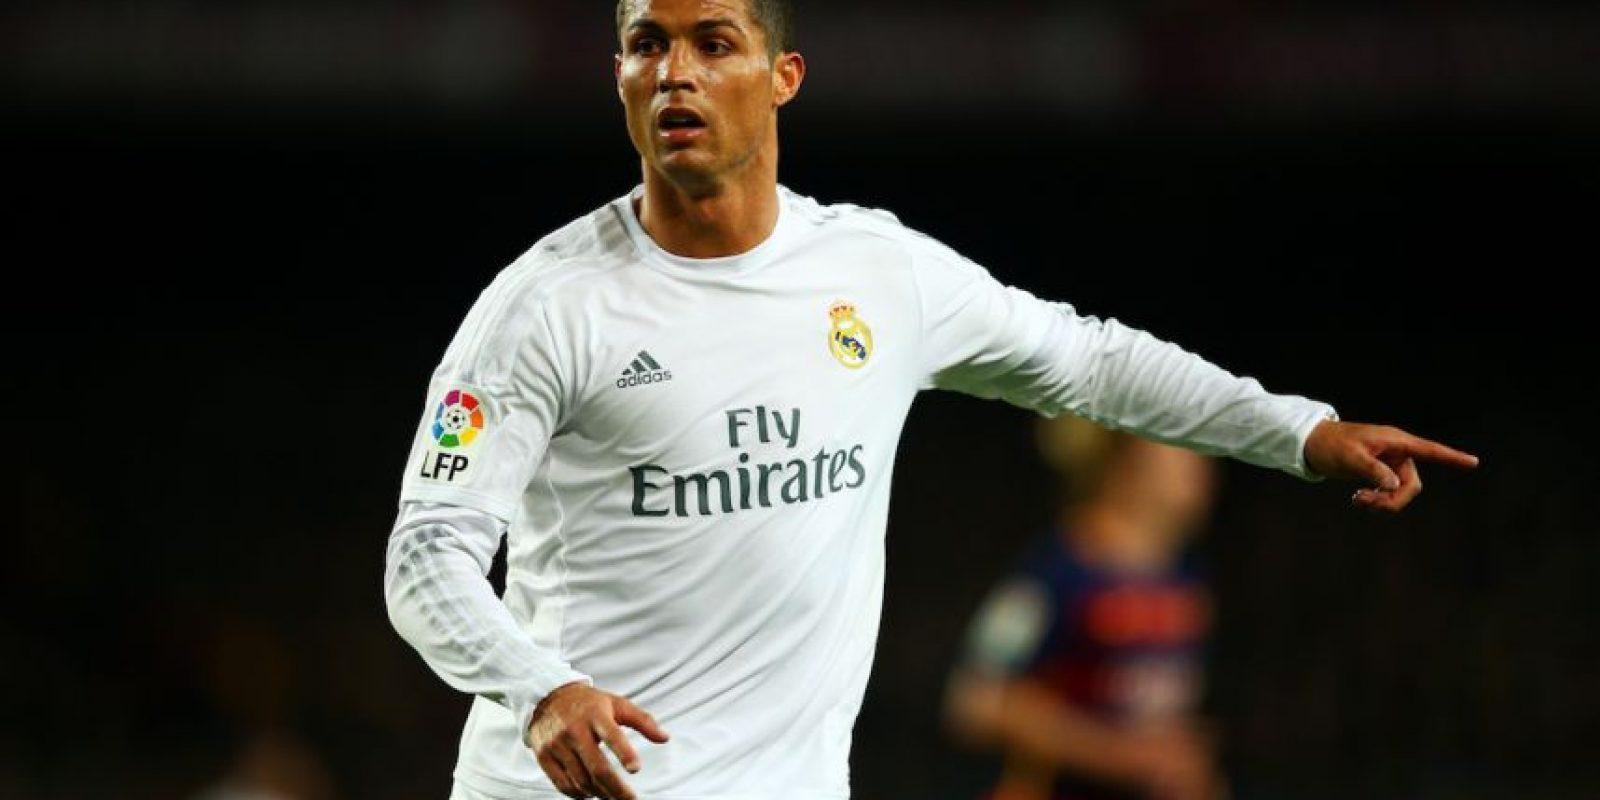 Sí, el récord del portugués subió a 10 goles en los 9 últimos partidos en el Camp Nou. Foto:Getty Images